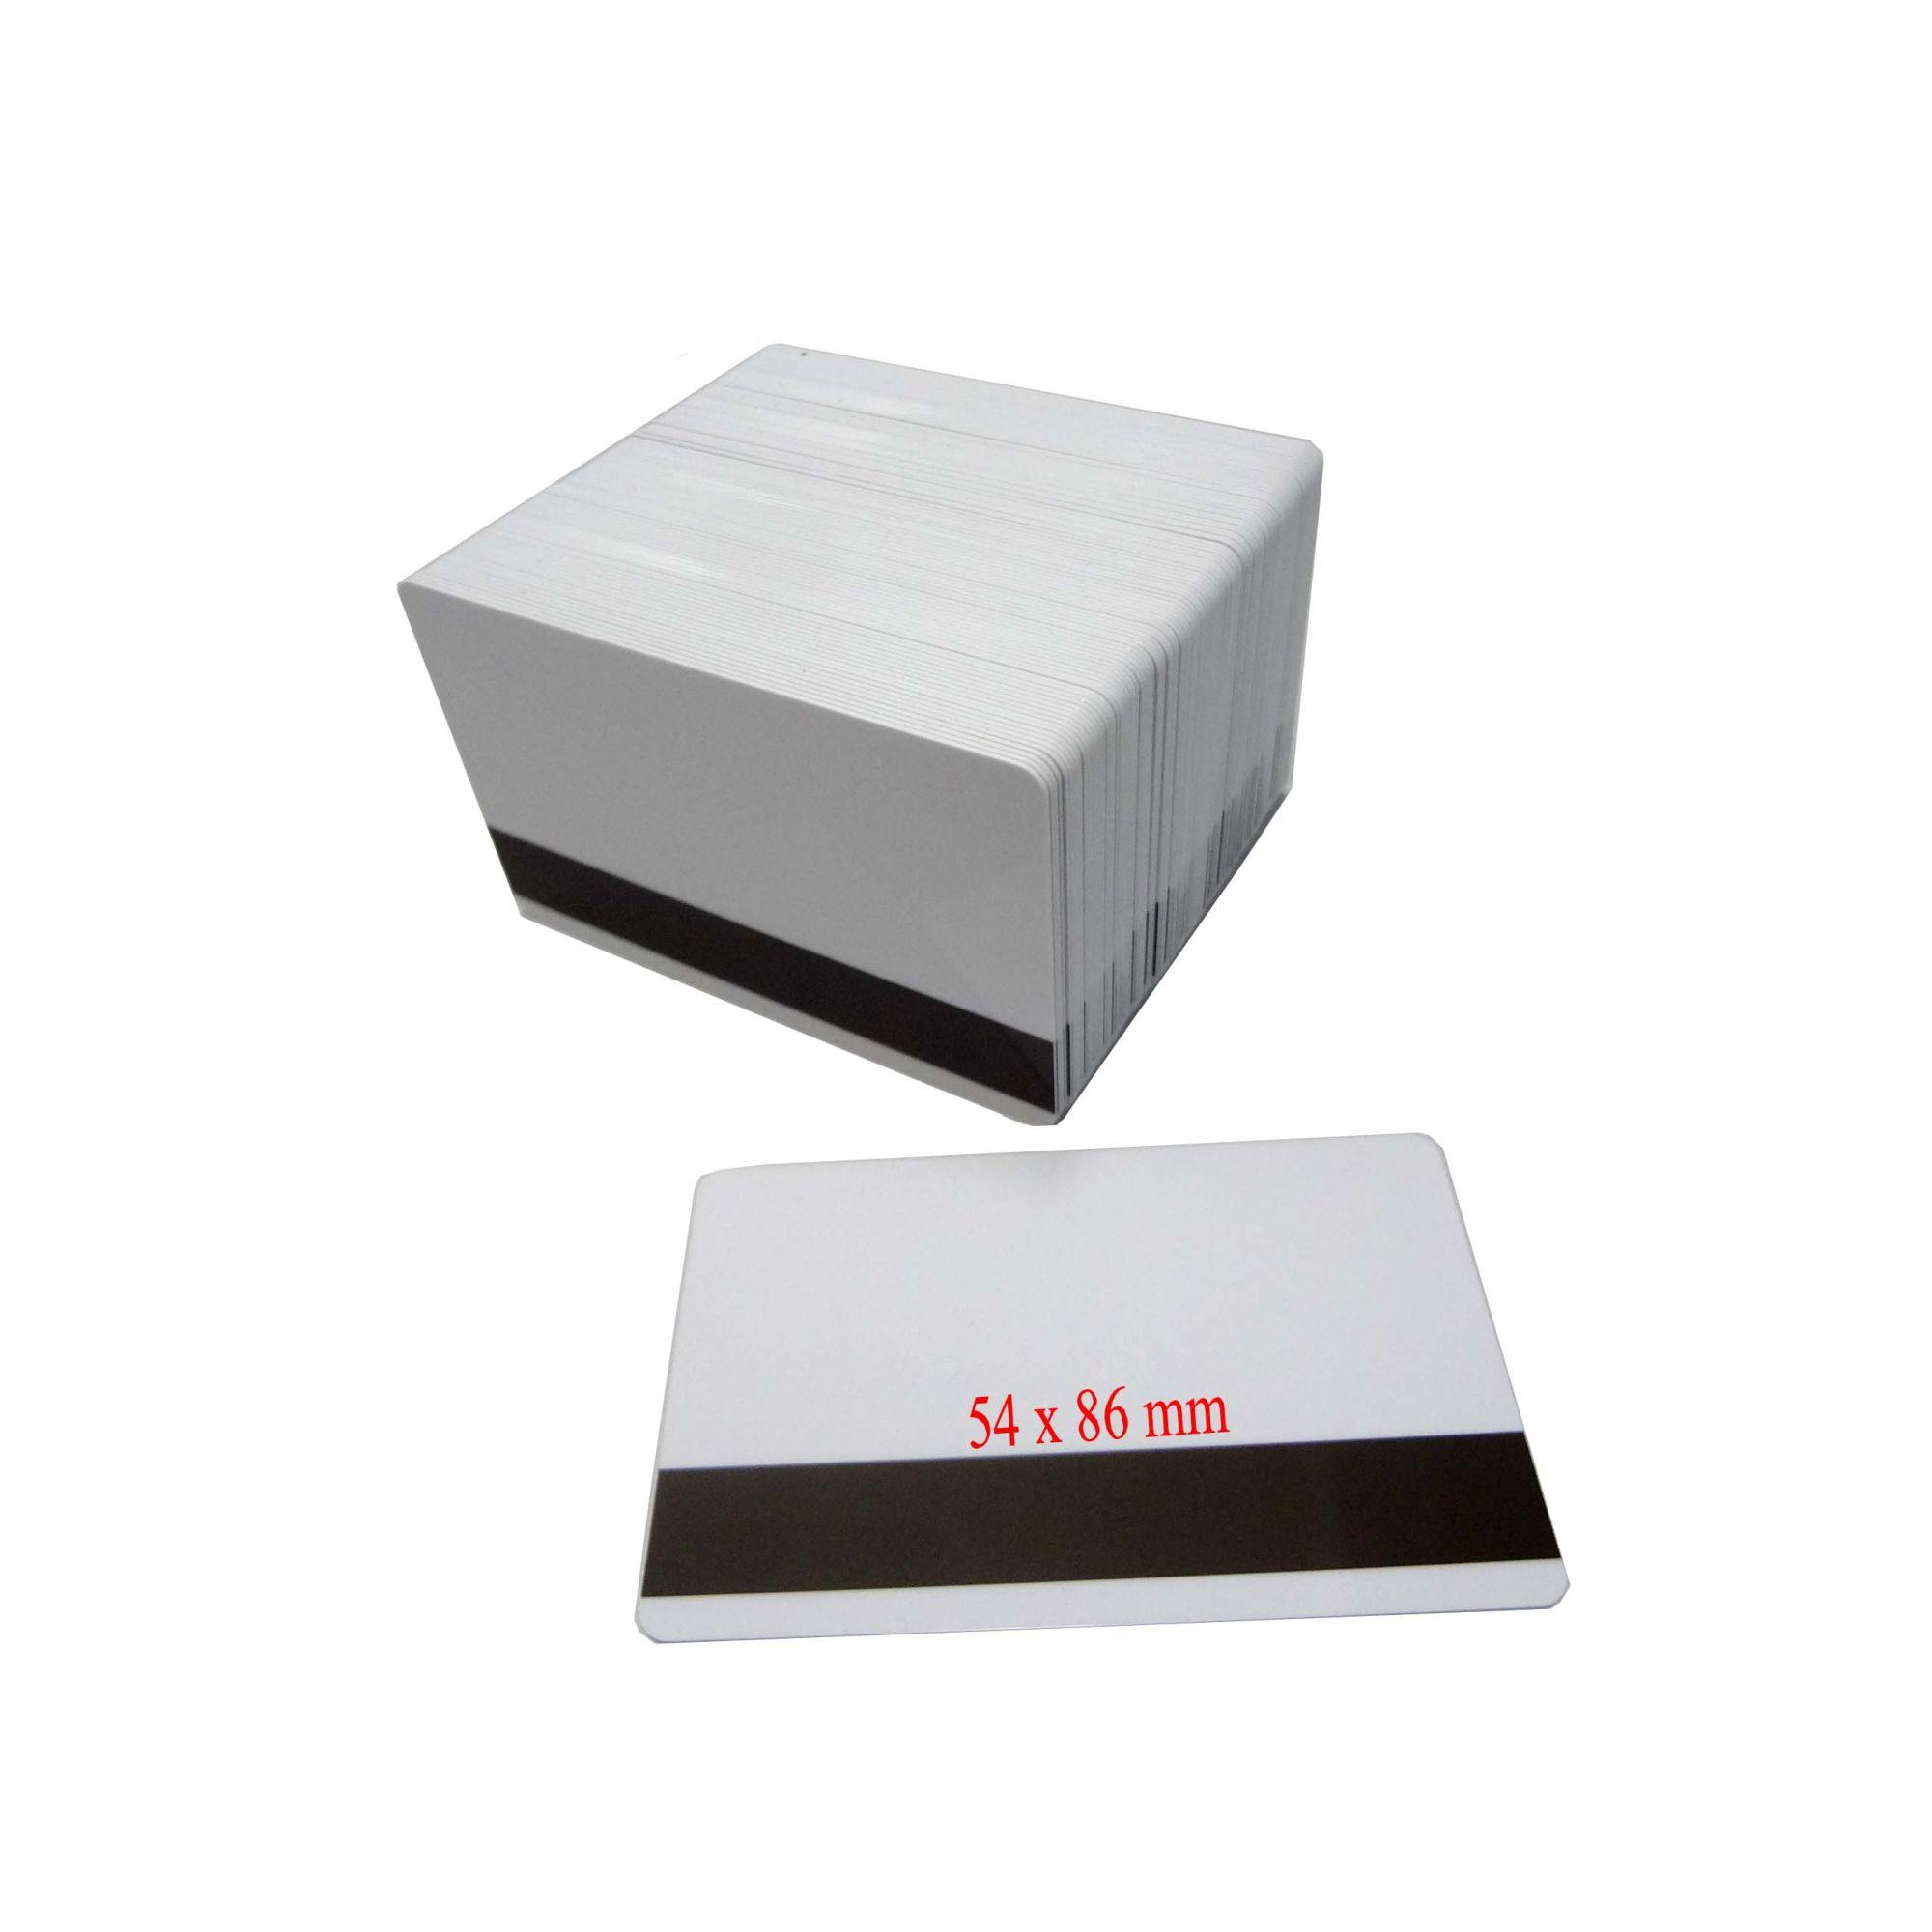 h) Cartão PVC Branco com Tarja Espessura 076 Tamanho 54 X 86 mm